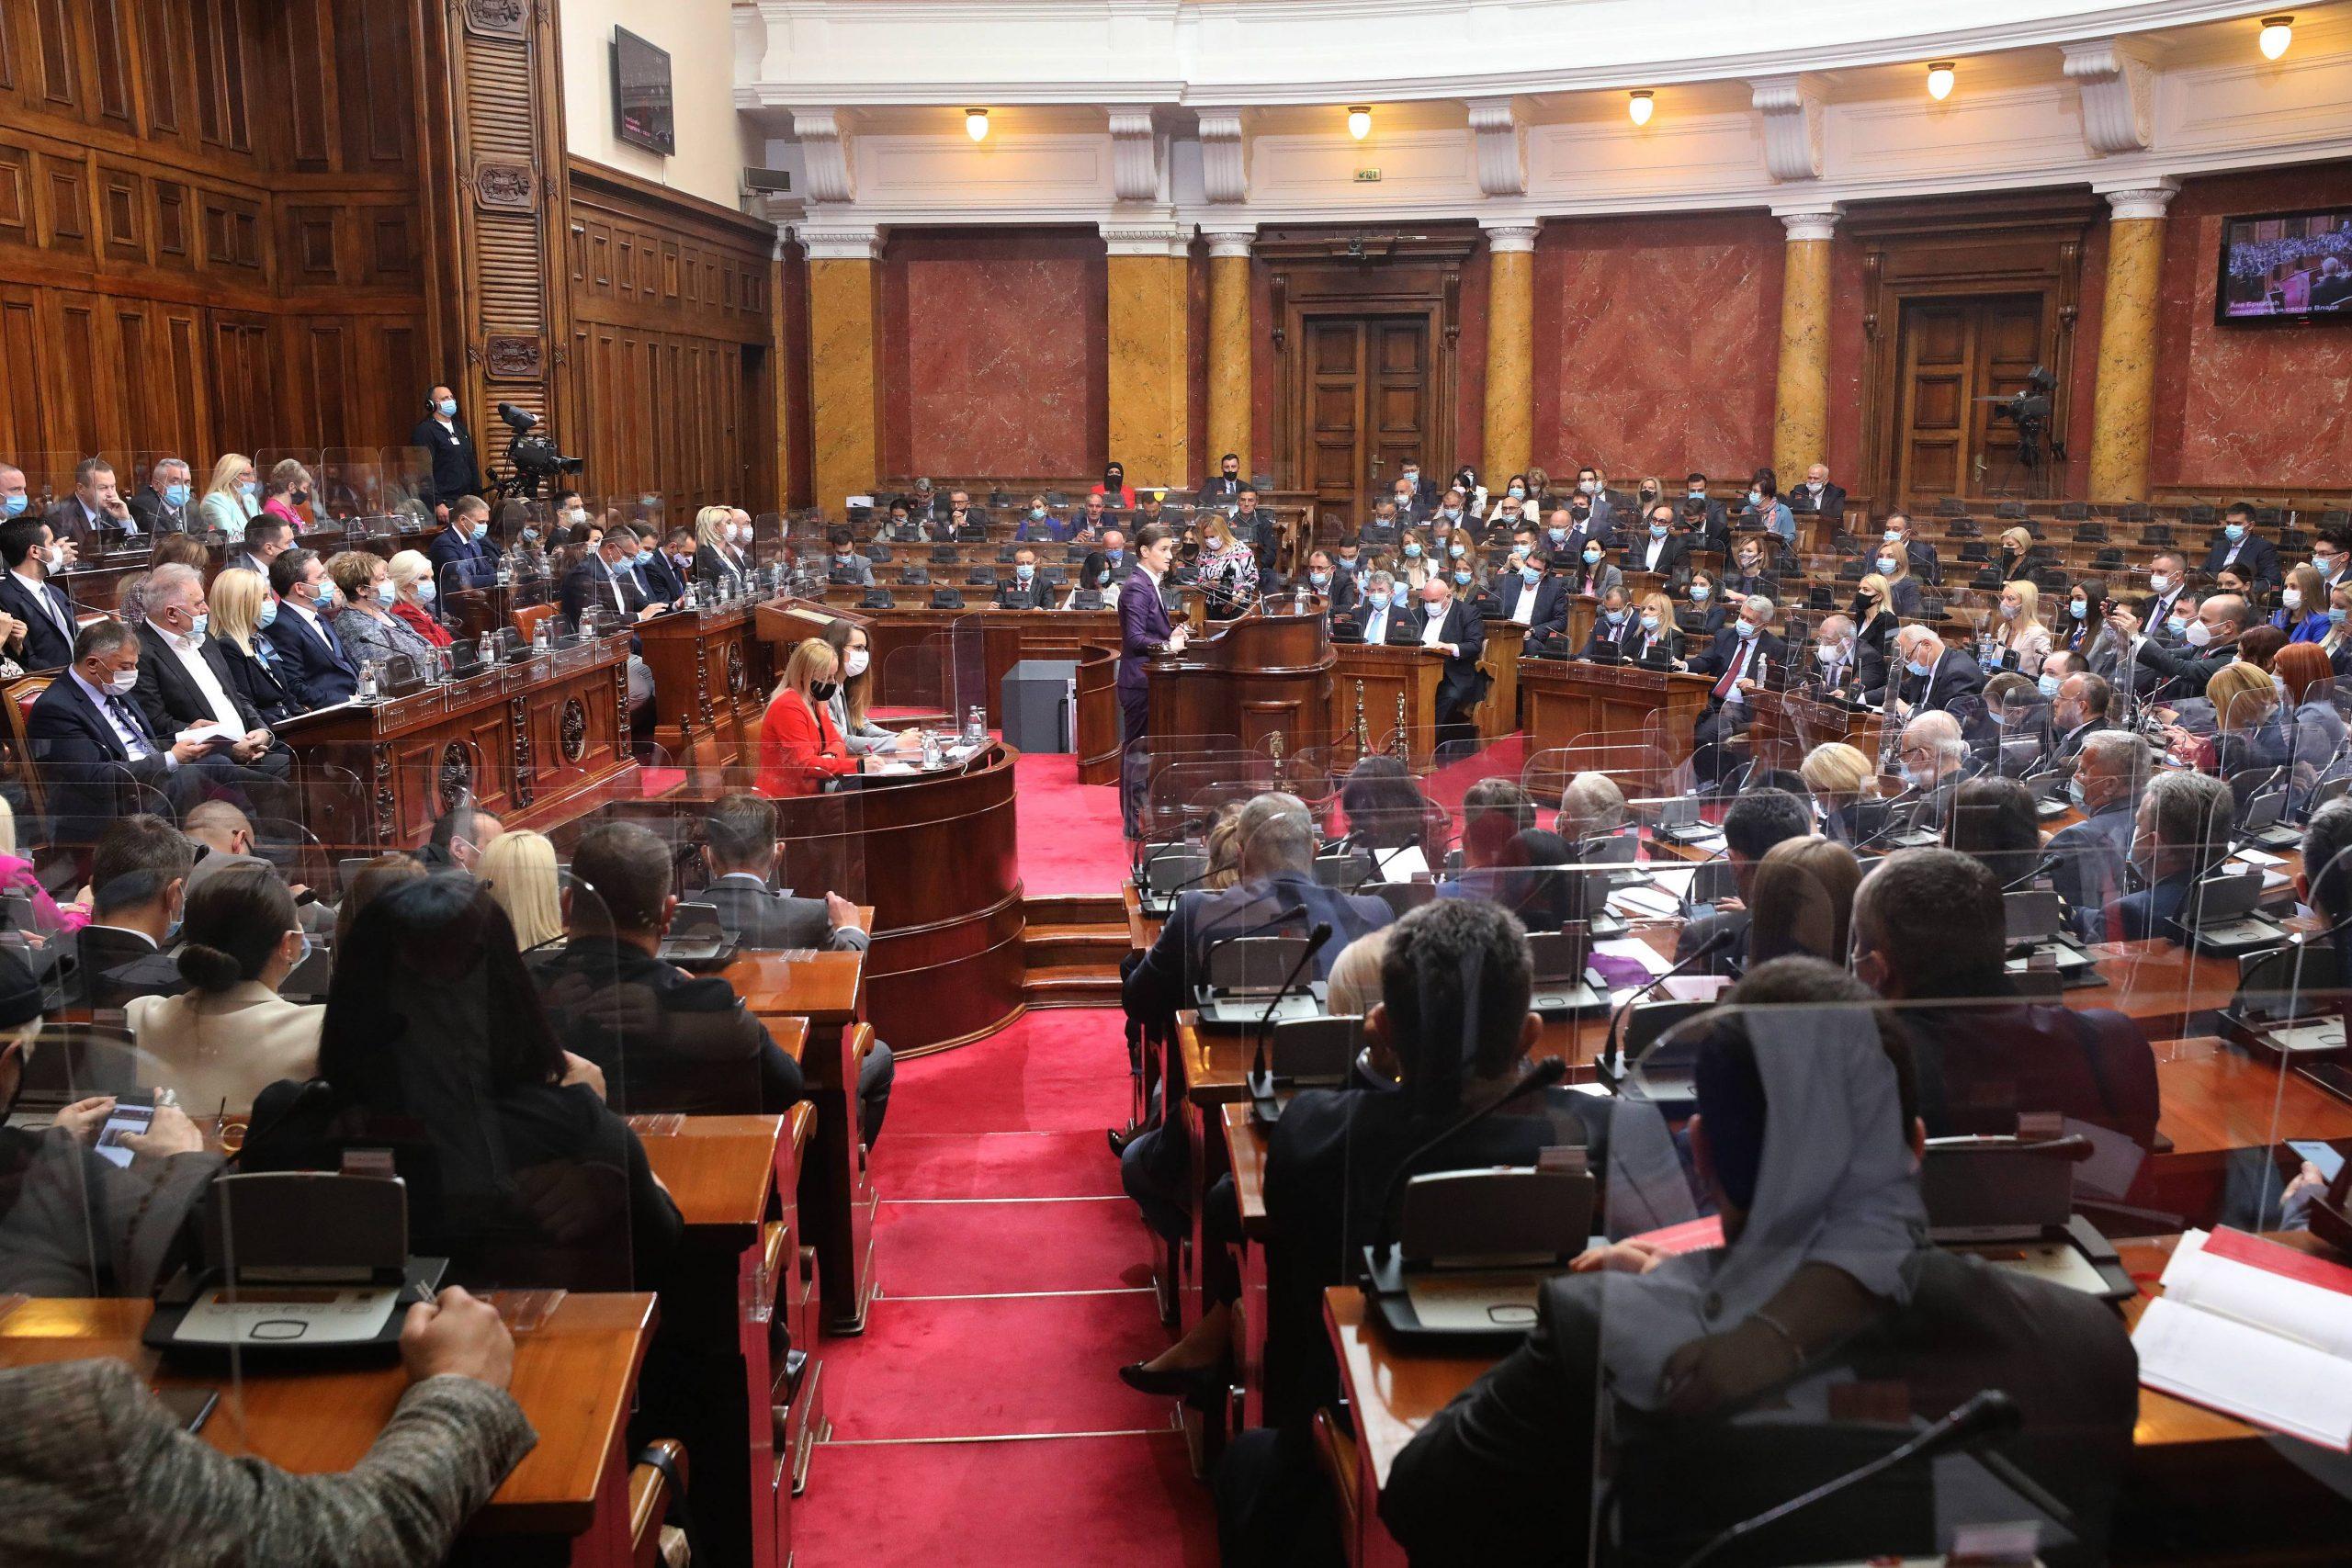 Poslanici Skupštine Srbije pola dana pričali o Danilu Vučiću i Draganu Đilasu 1